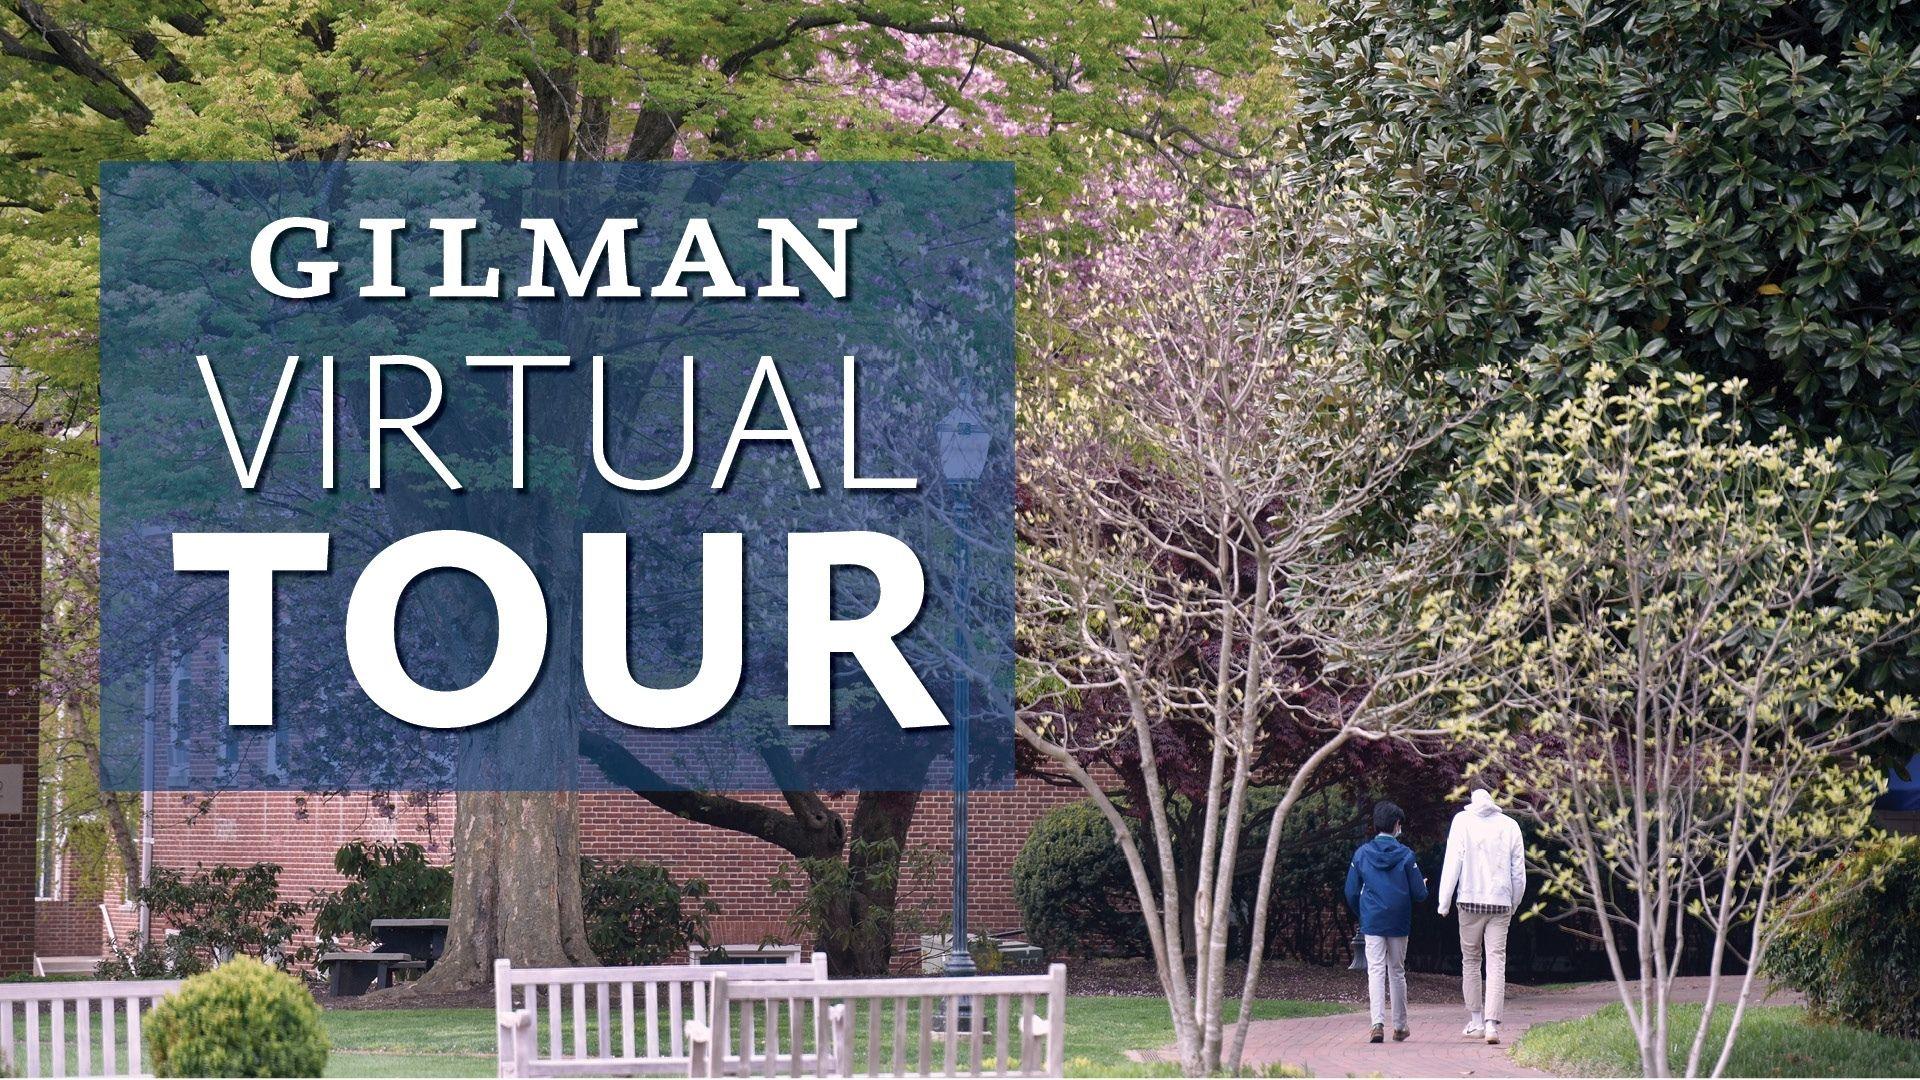 Gilman Virtual Tour